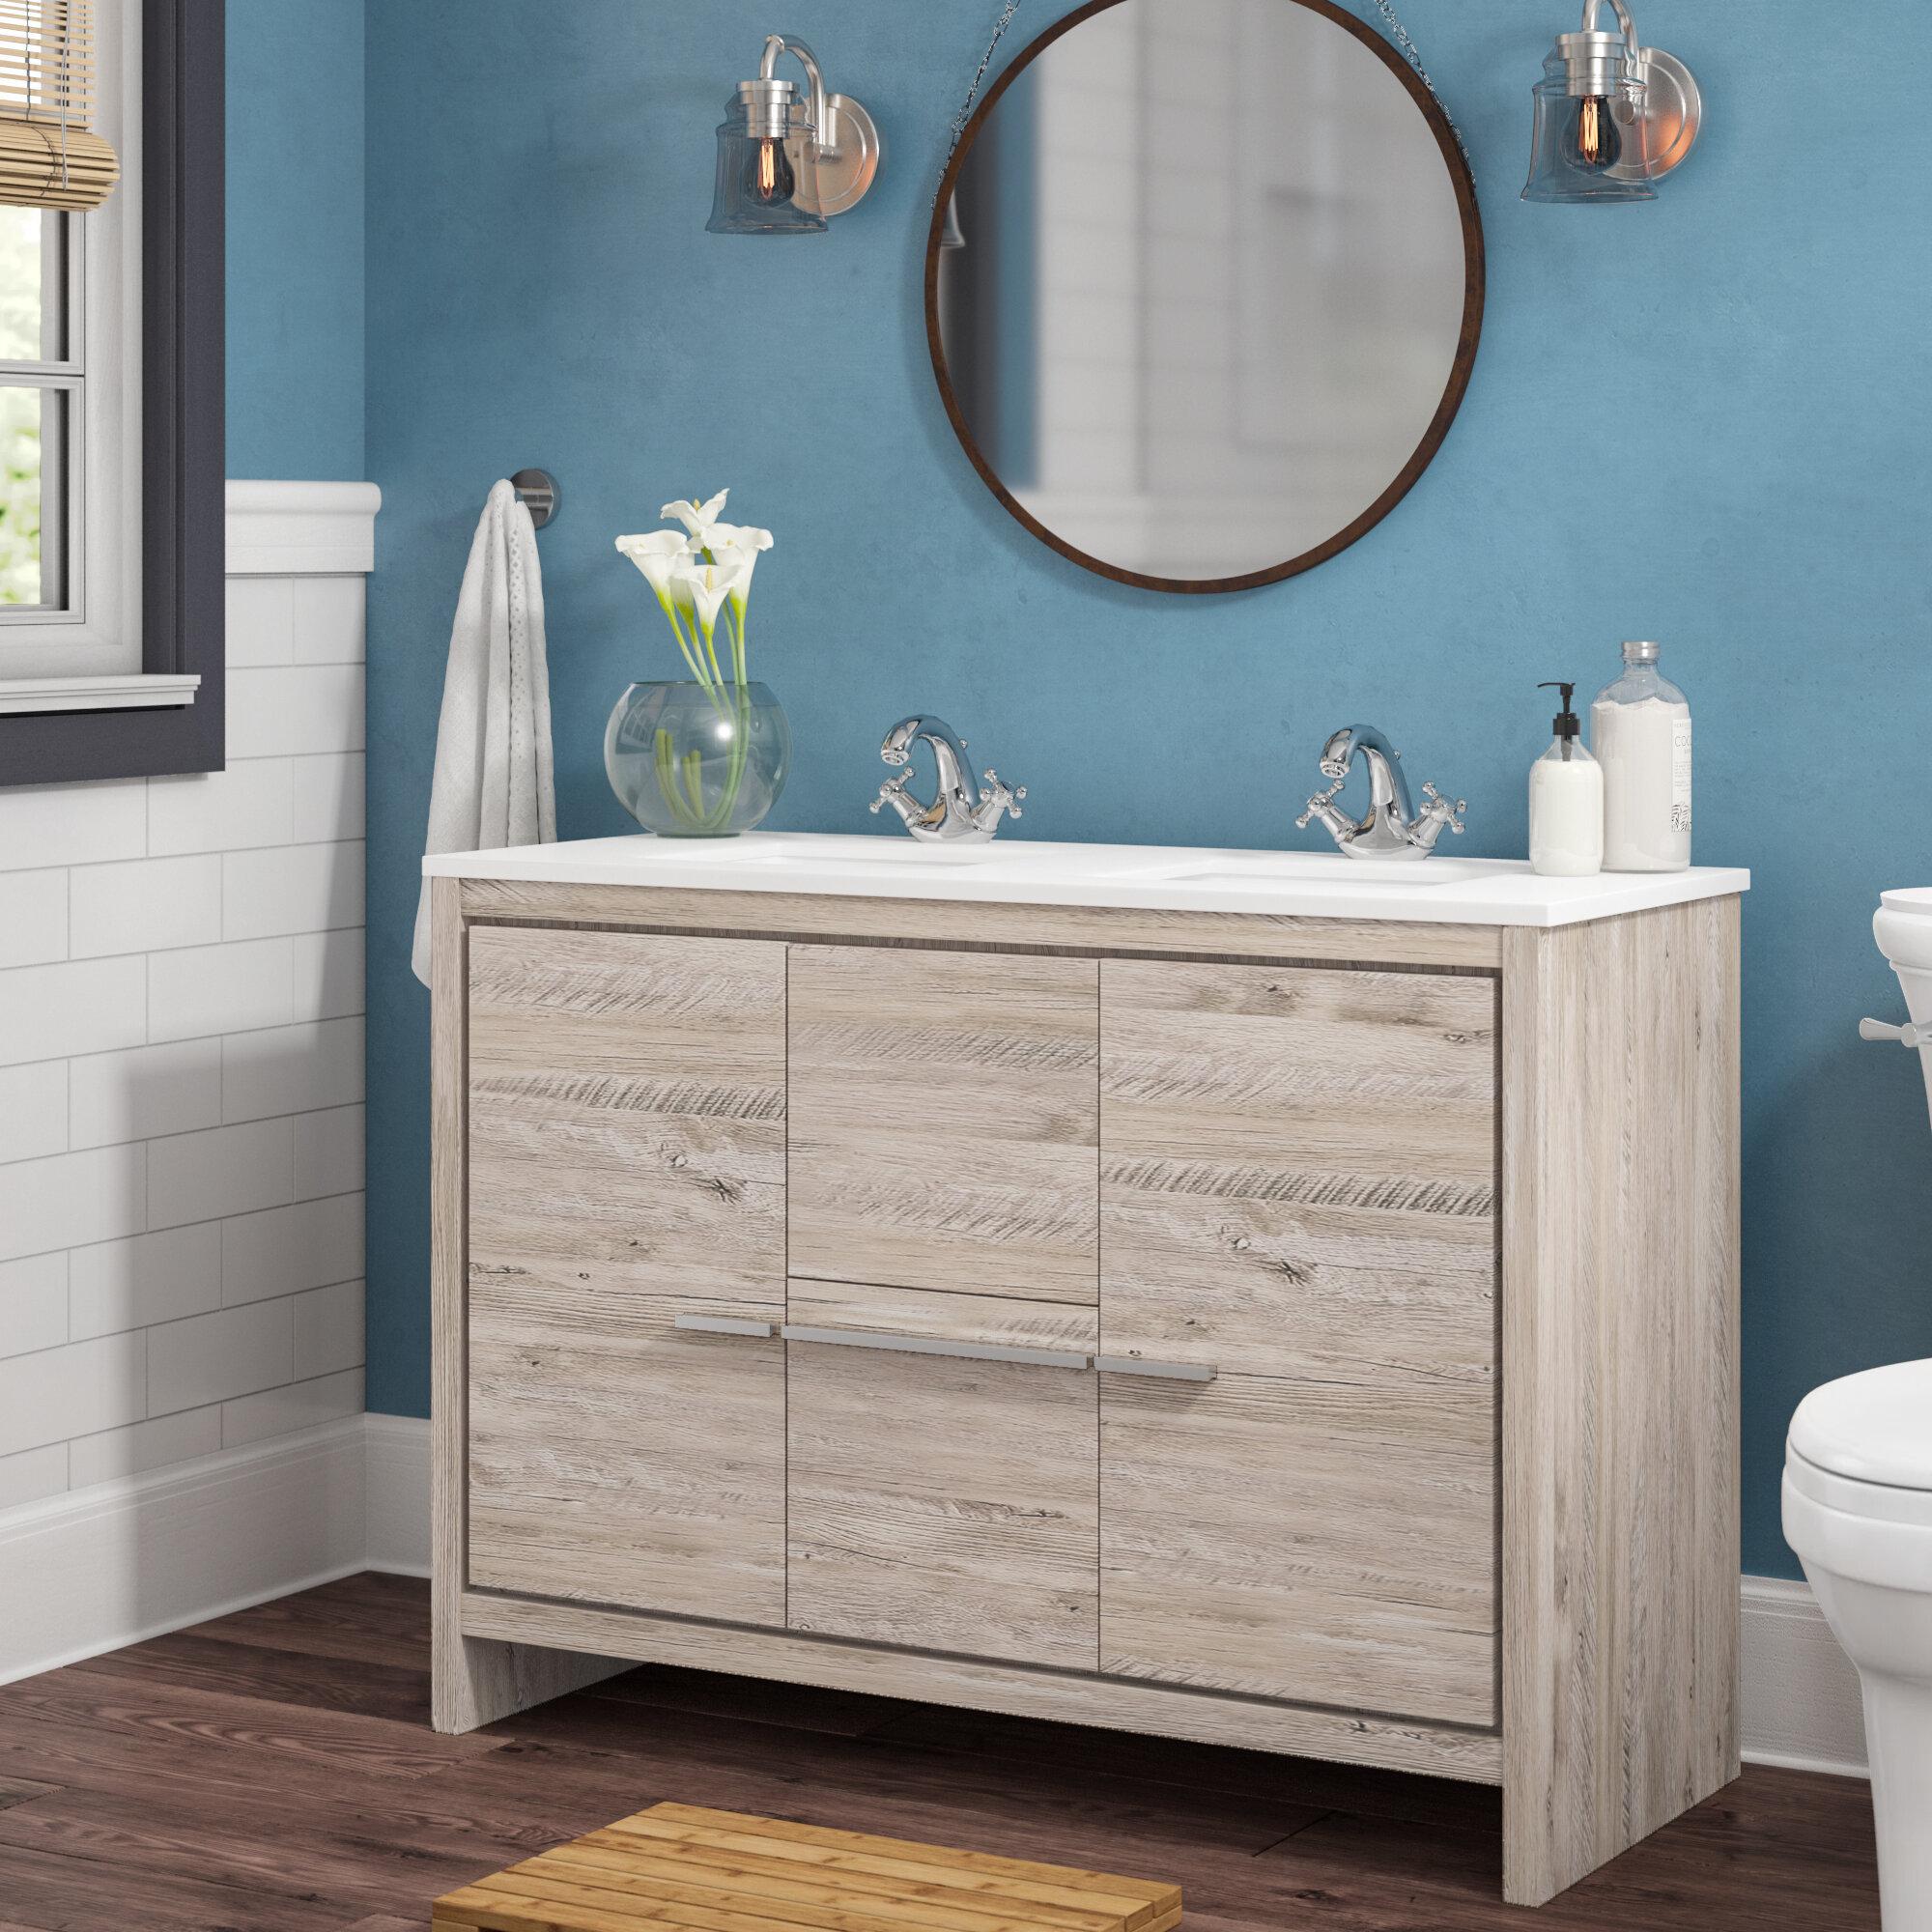 Mercury Row Bosley Modern 48 Double Bathroom Vanity Set Reviews Wayfair